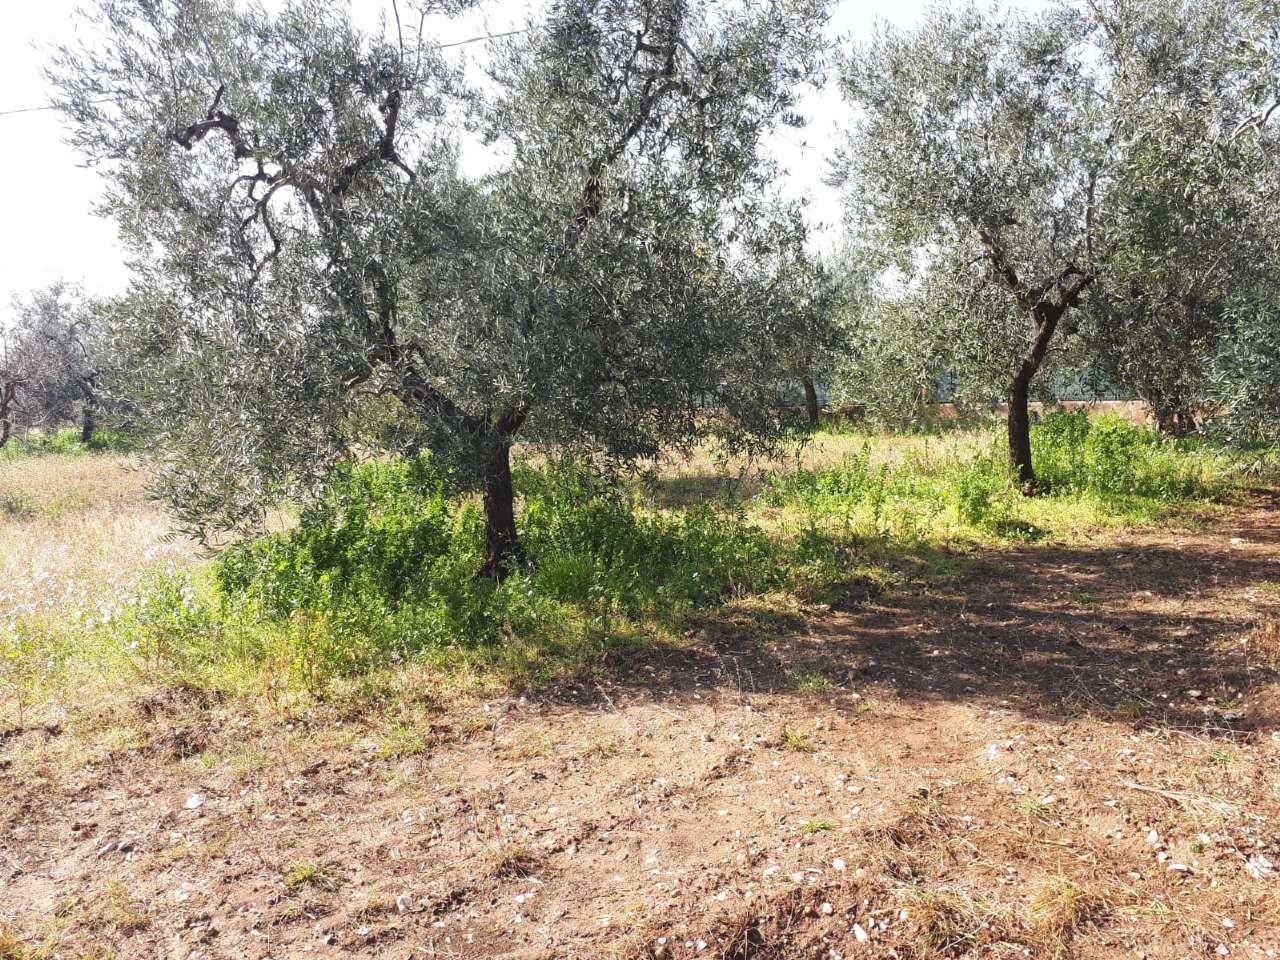 Terreno Agricolo in vendita a Bisceglie, 9999 locali, prezzo € 11.000 | CambioCasa.it